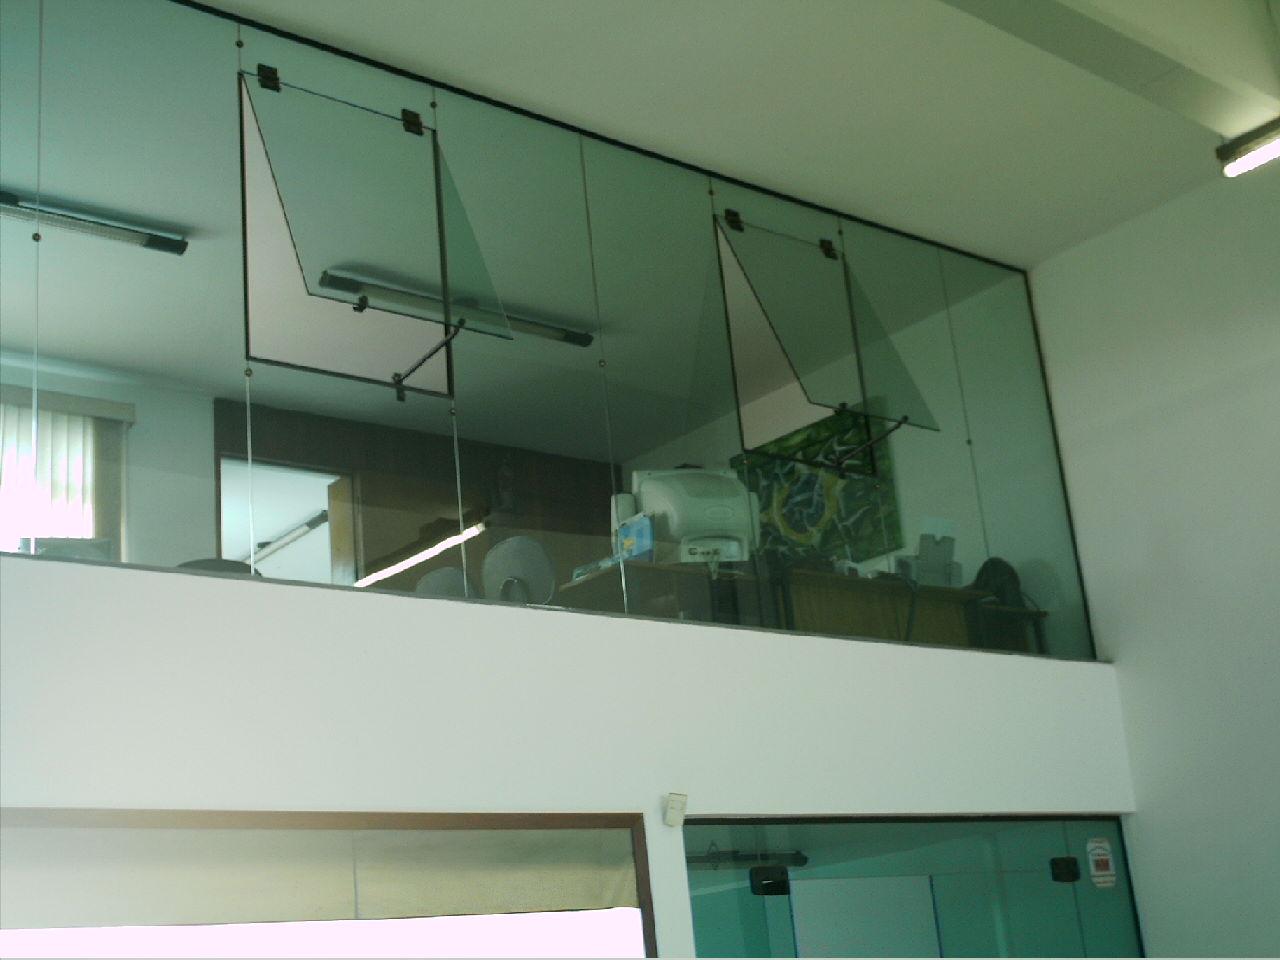 #594F38 Instalação Temperados Janelas Maxim ar 4206 Instalação Janela Aluminio